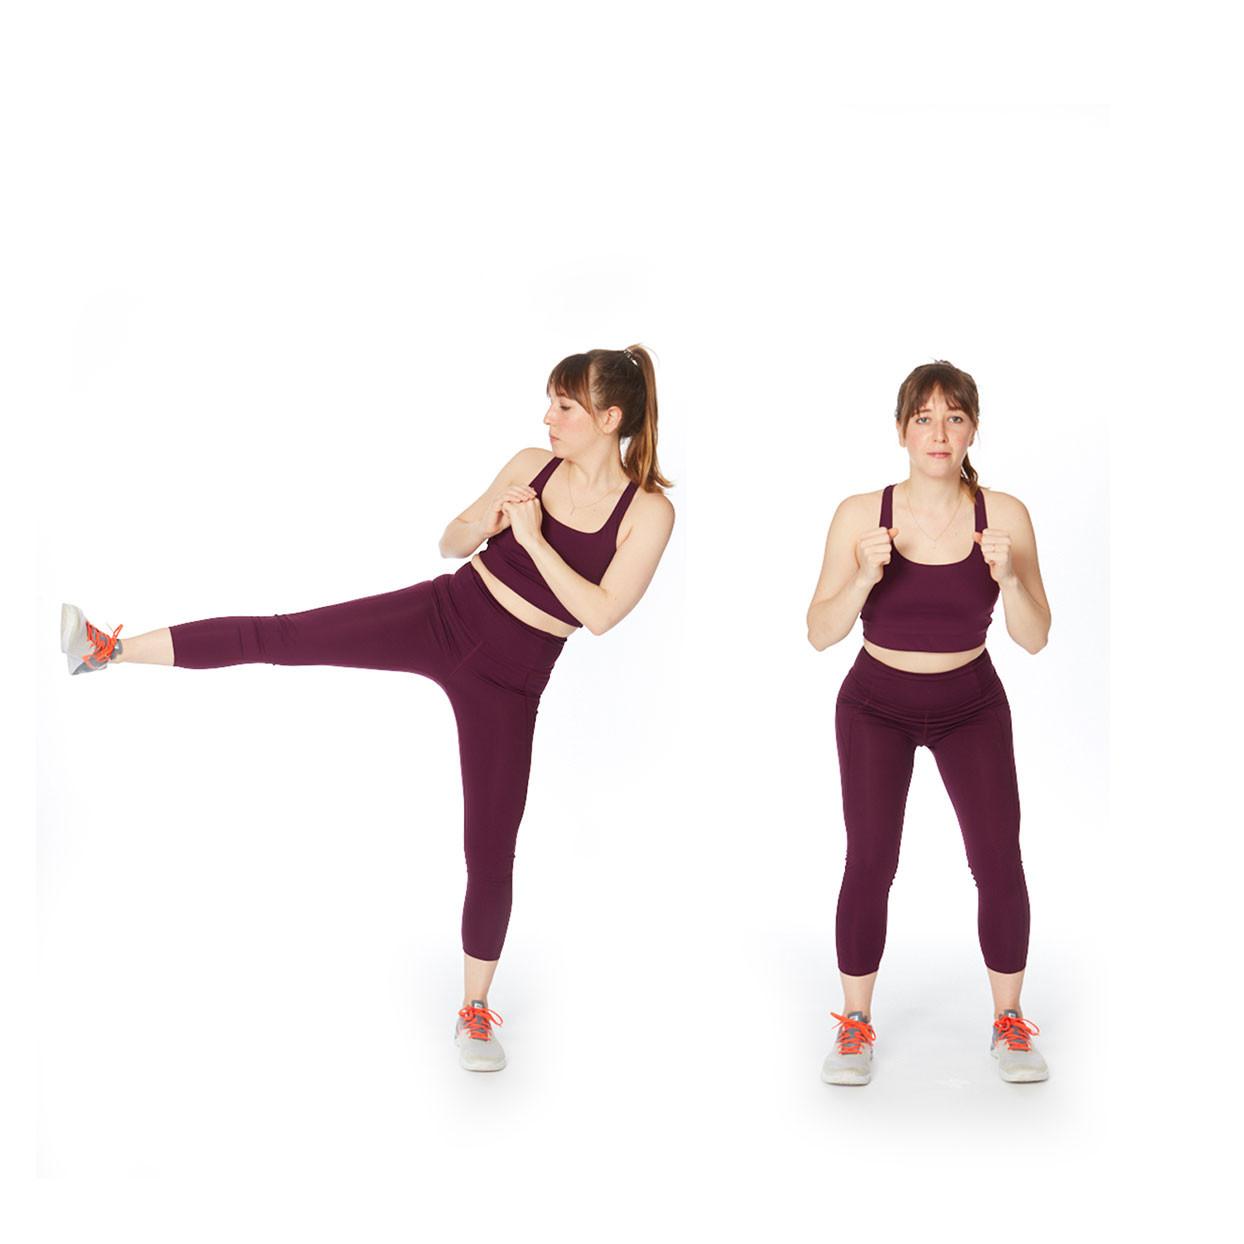 تمارين لشد الجسم - التمرين الأول لشد الفخذ